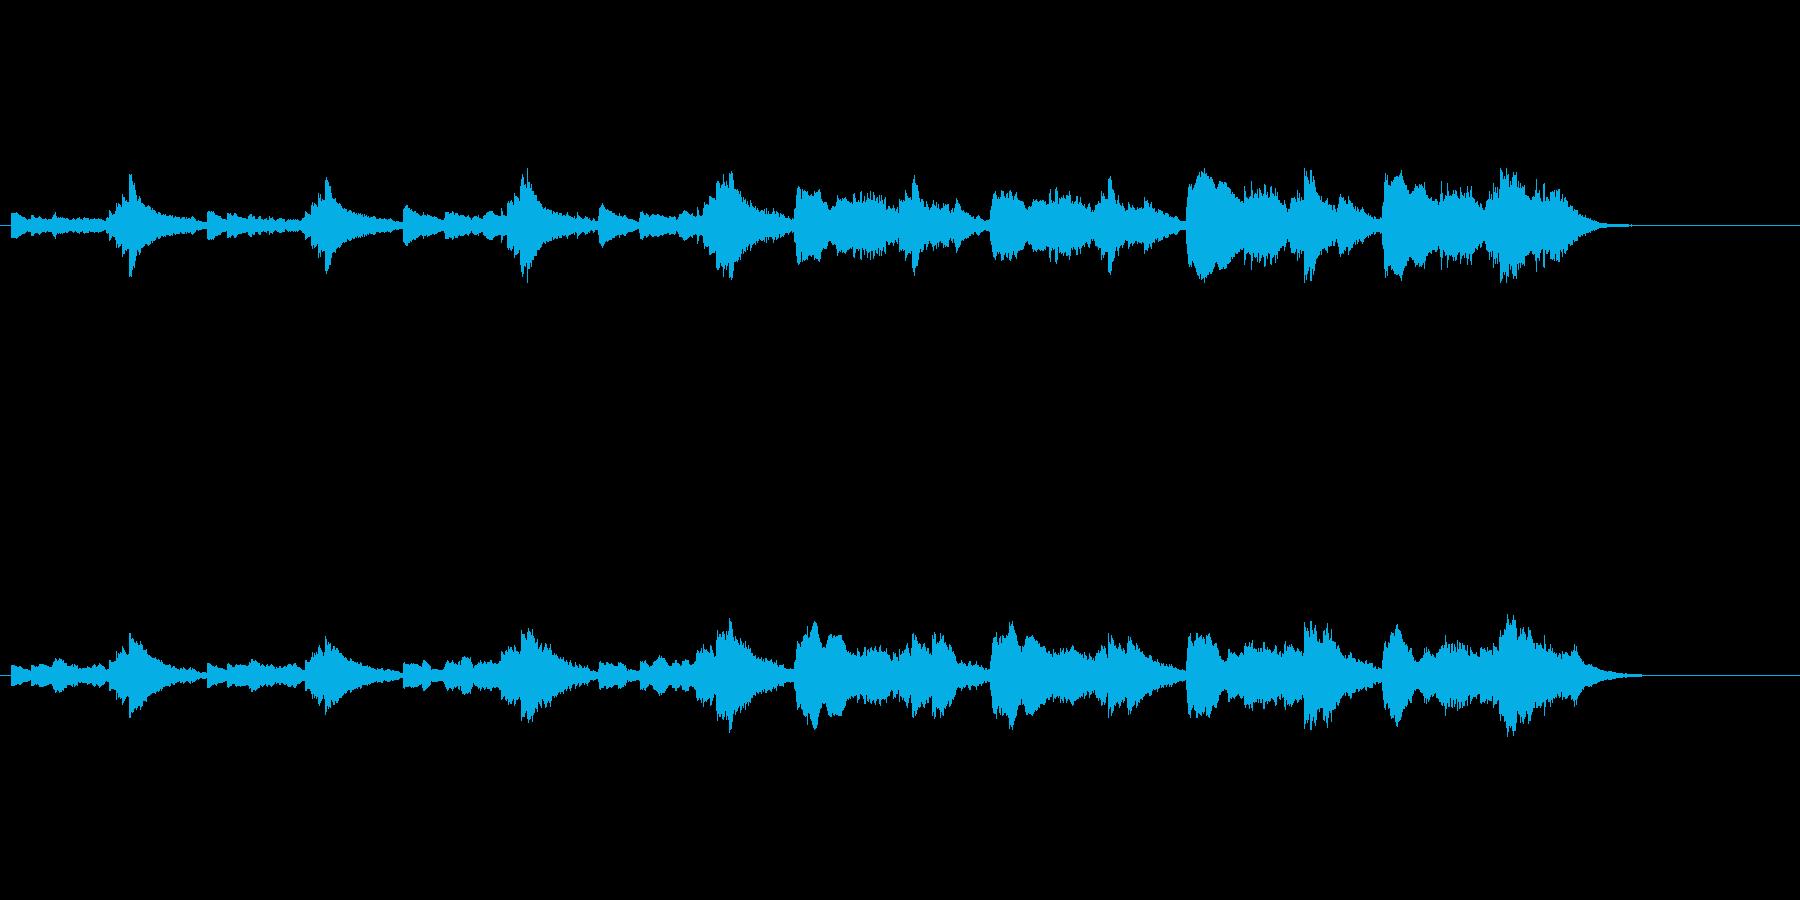 気怠く憂いを秘めた環境音楽の再生済みの波形